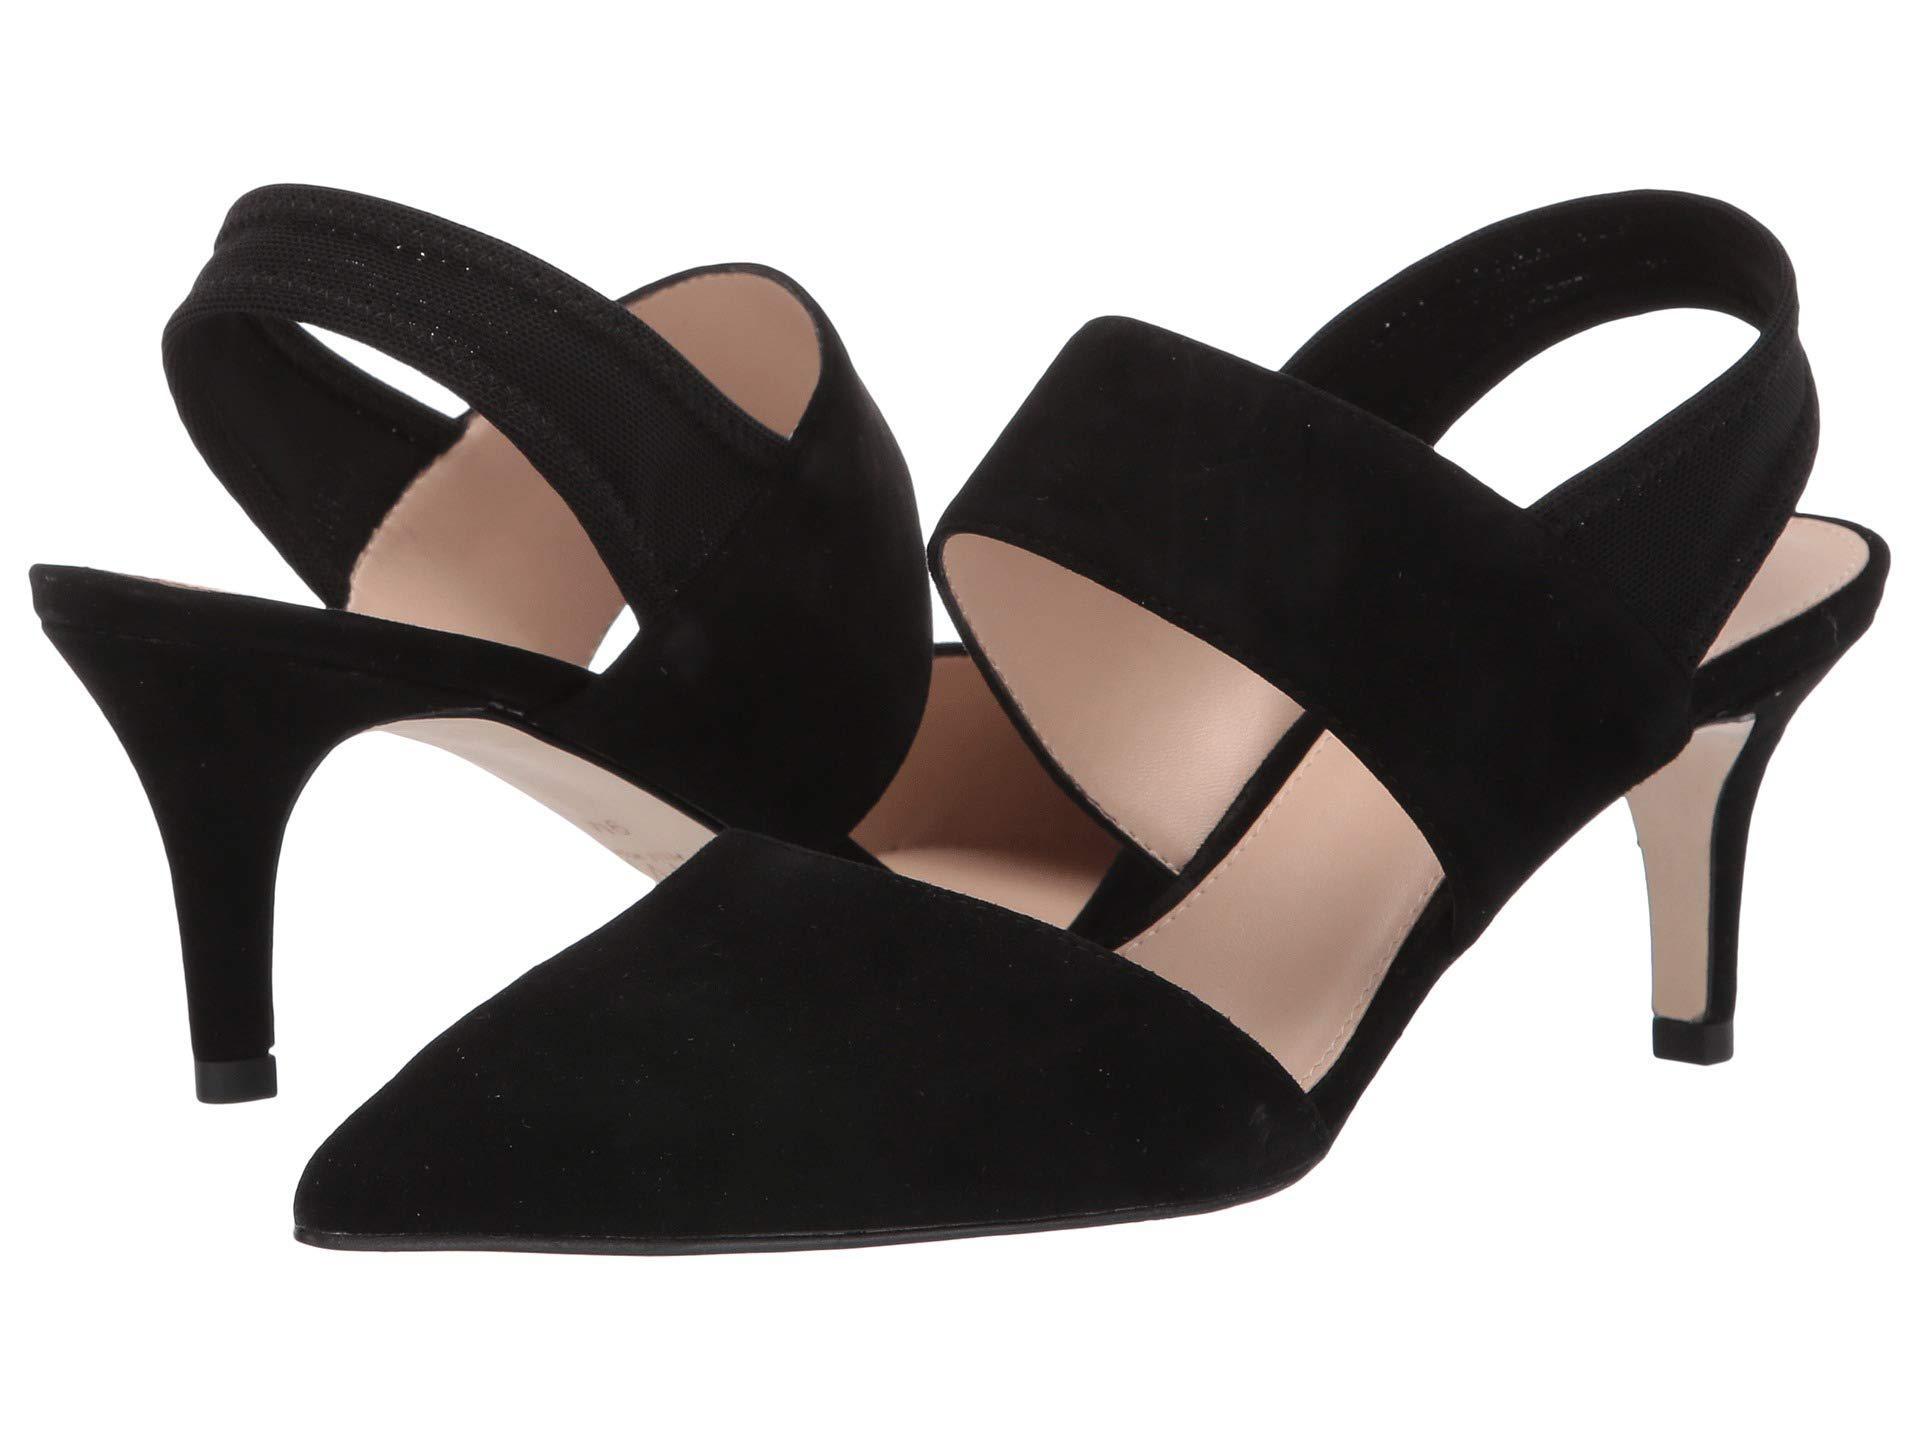 8ee6bc0b1b4a Lyst - Pelle Moda Keys (black Suede mesh) Women s Shoes in Black